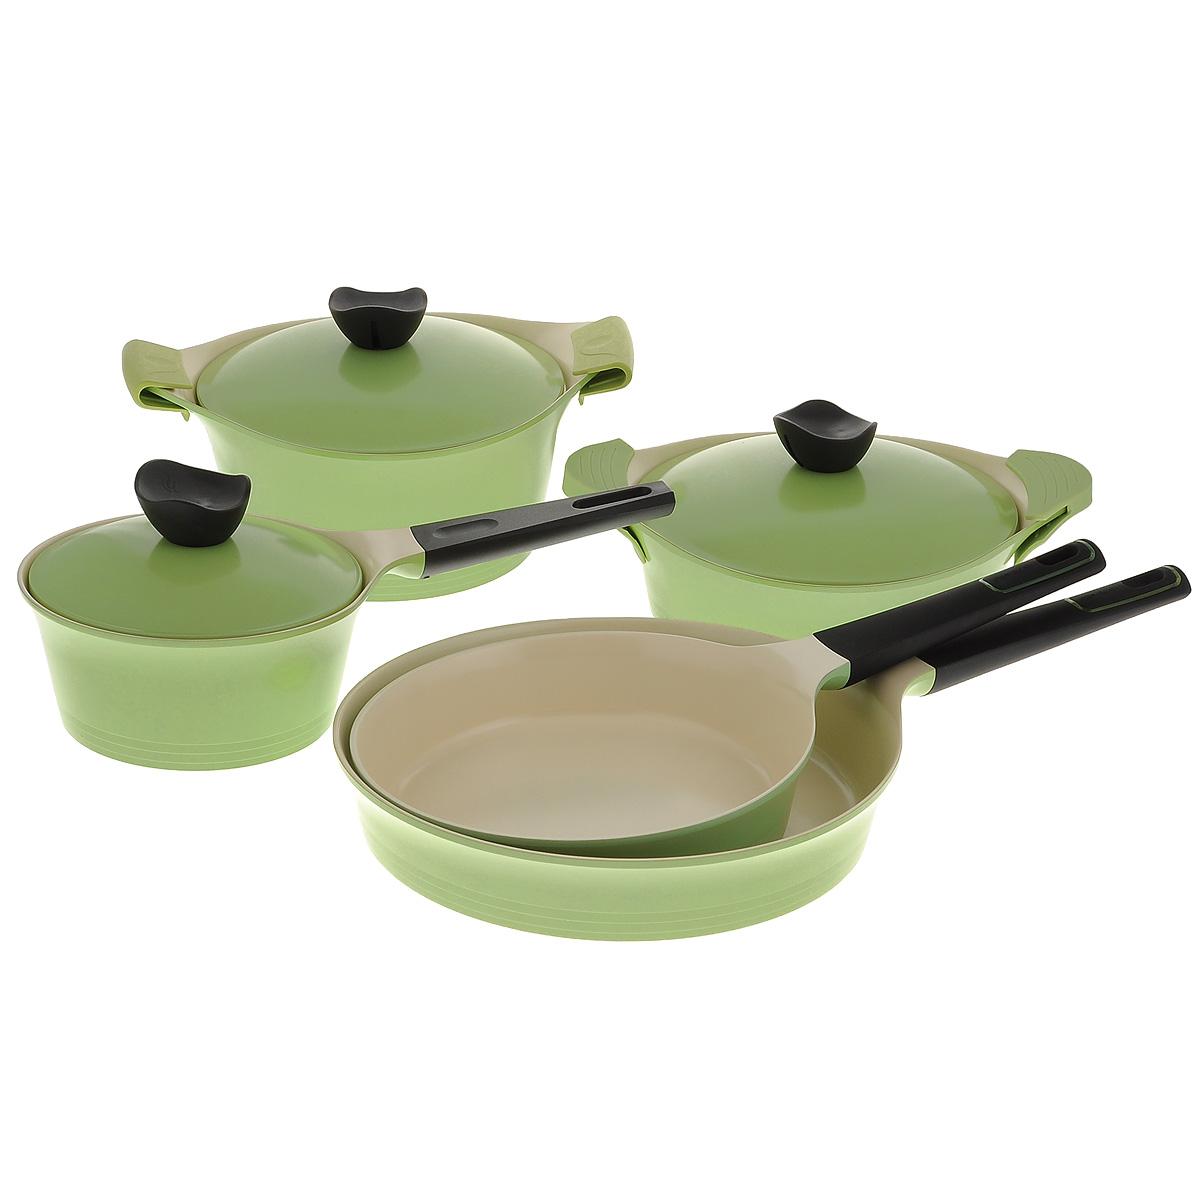 Набор посуды Frybest Evergreen, с керамическим покрытием, цвет: оливковый, 12 предметовGRCY-N20Набор посуды Frybest Evergreen состоит из жаровни с крышкой, кастрюли с крышкой, ковша с крышкой, 2 сковородок, 4 силиконовых прихваток. Изделия выполнены из литого алюминия с инновационным керамическим покрытием Ecolon, в производстве которого используются природные материалы - камни и песок. Особенности посуды Frybest Evergreen:- мощная основа из литого алюминия, - специальное утолщенное дно для идеальной теплопроводности, - керамическое антипригарное покрытие, позволяющее готовить практически без масла, - керамика как внутри, так и снаружи, легко готовить - легко мыть, - непревзойденная прочность и устойчивость к царапинам, - слой анионов (отрицательно заряженных ионов), обладающих антибактериальными свойствами, они намного дольше сохраняют приготовленную пищу свежей, - отсутствие токсичных выделений в процессе приготовления пищи.Ковш и сковороды оснащены эргономичной, удлиненной Soft-touch ручкой, которая всегда остается холодной.Подходит для использования на стеклокерамических, газовых, электрических плитах. Можно мыть в посудомоечной машине.Диаметры сковородок: 30 см, 24 см.Высота стенок сковородок: 6 см, 5,5 см.Длина ручек сковородок: 20,5 см, 20,5 см.Диаметр дна сковородок: 27,5 см, 22 см.Объем жаровни: 2,7 л.Диаметр жаровни: 24 см.Высота стенок жаровни: 7,5 см.Ширина жаровни (с учетом ручек): 34 см.Объем ковша: 2 л.Диаметр ковша: 18 см.Высота стенок ковша: 9,5 см.Диаметр дна ковша: 16 см.Длина ручки ковша: 17,5 см.Объем кастрюли: 4,5 л.Диаметр кастрюли: 24 см.Высота стенок кастрюли: 12,5 см.Ширина кастрюли (с учетом ручек): 34 см.Размер силиконовых прихваток: 12 см х 6 см.Толщина стенок посуды: 4 мм.Толщина дна посуды: 5 мм.